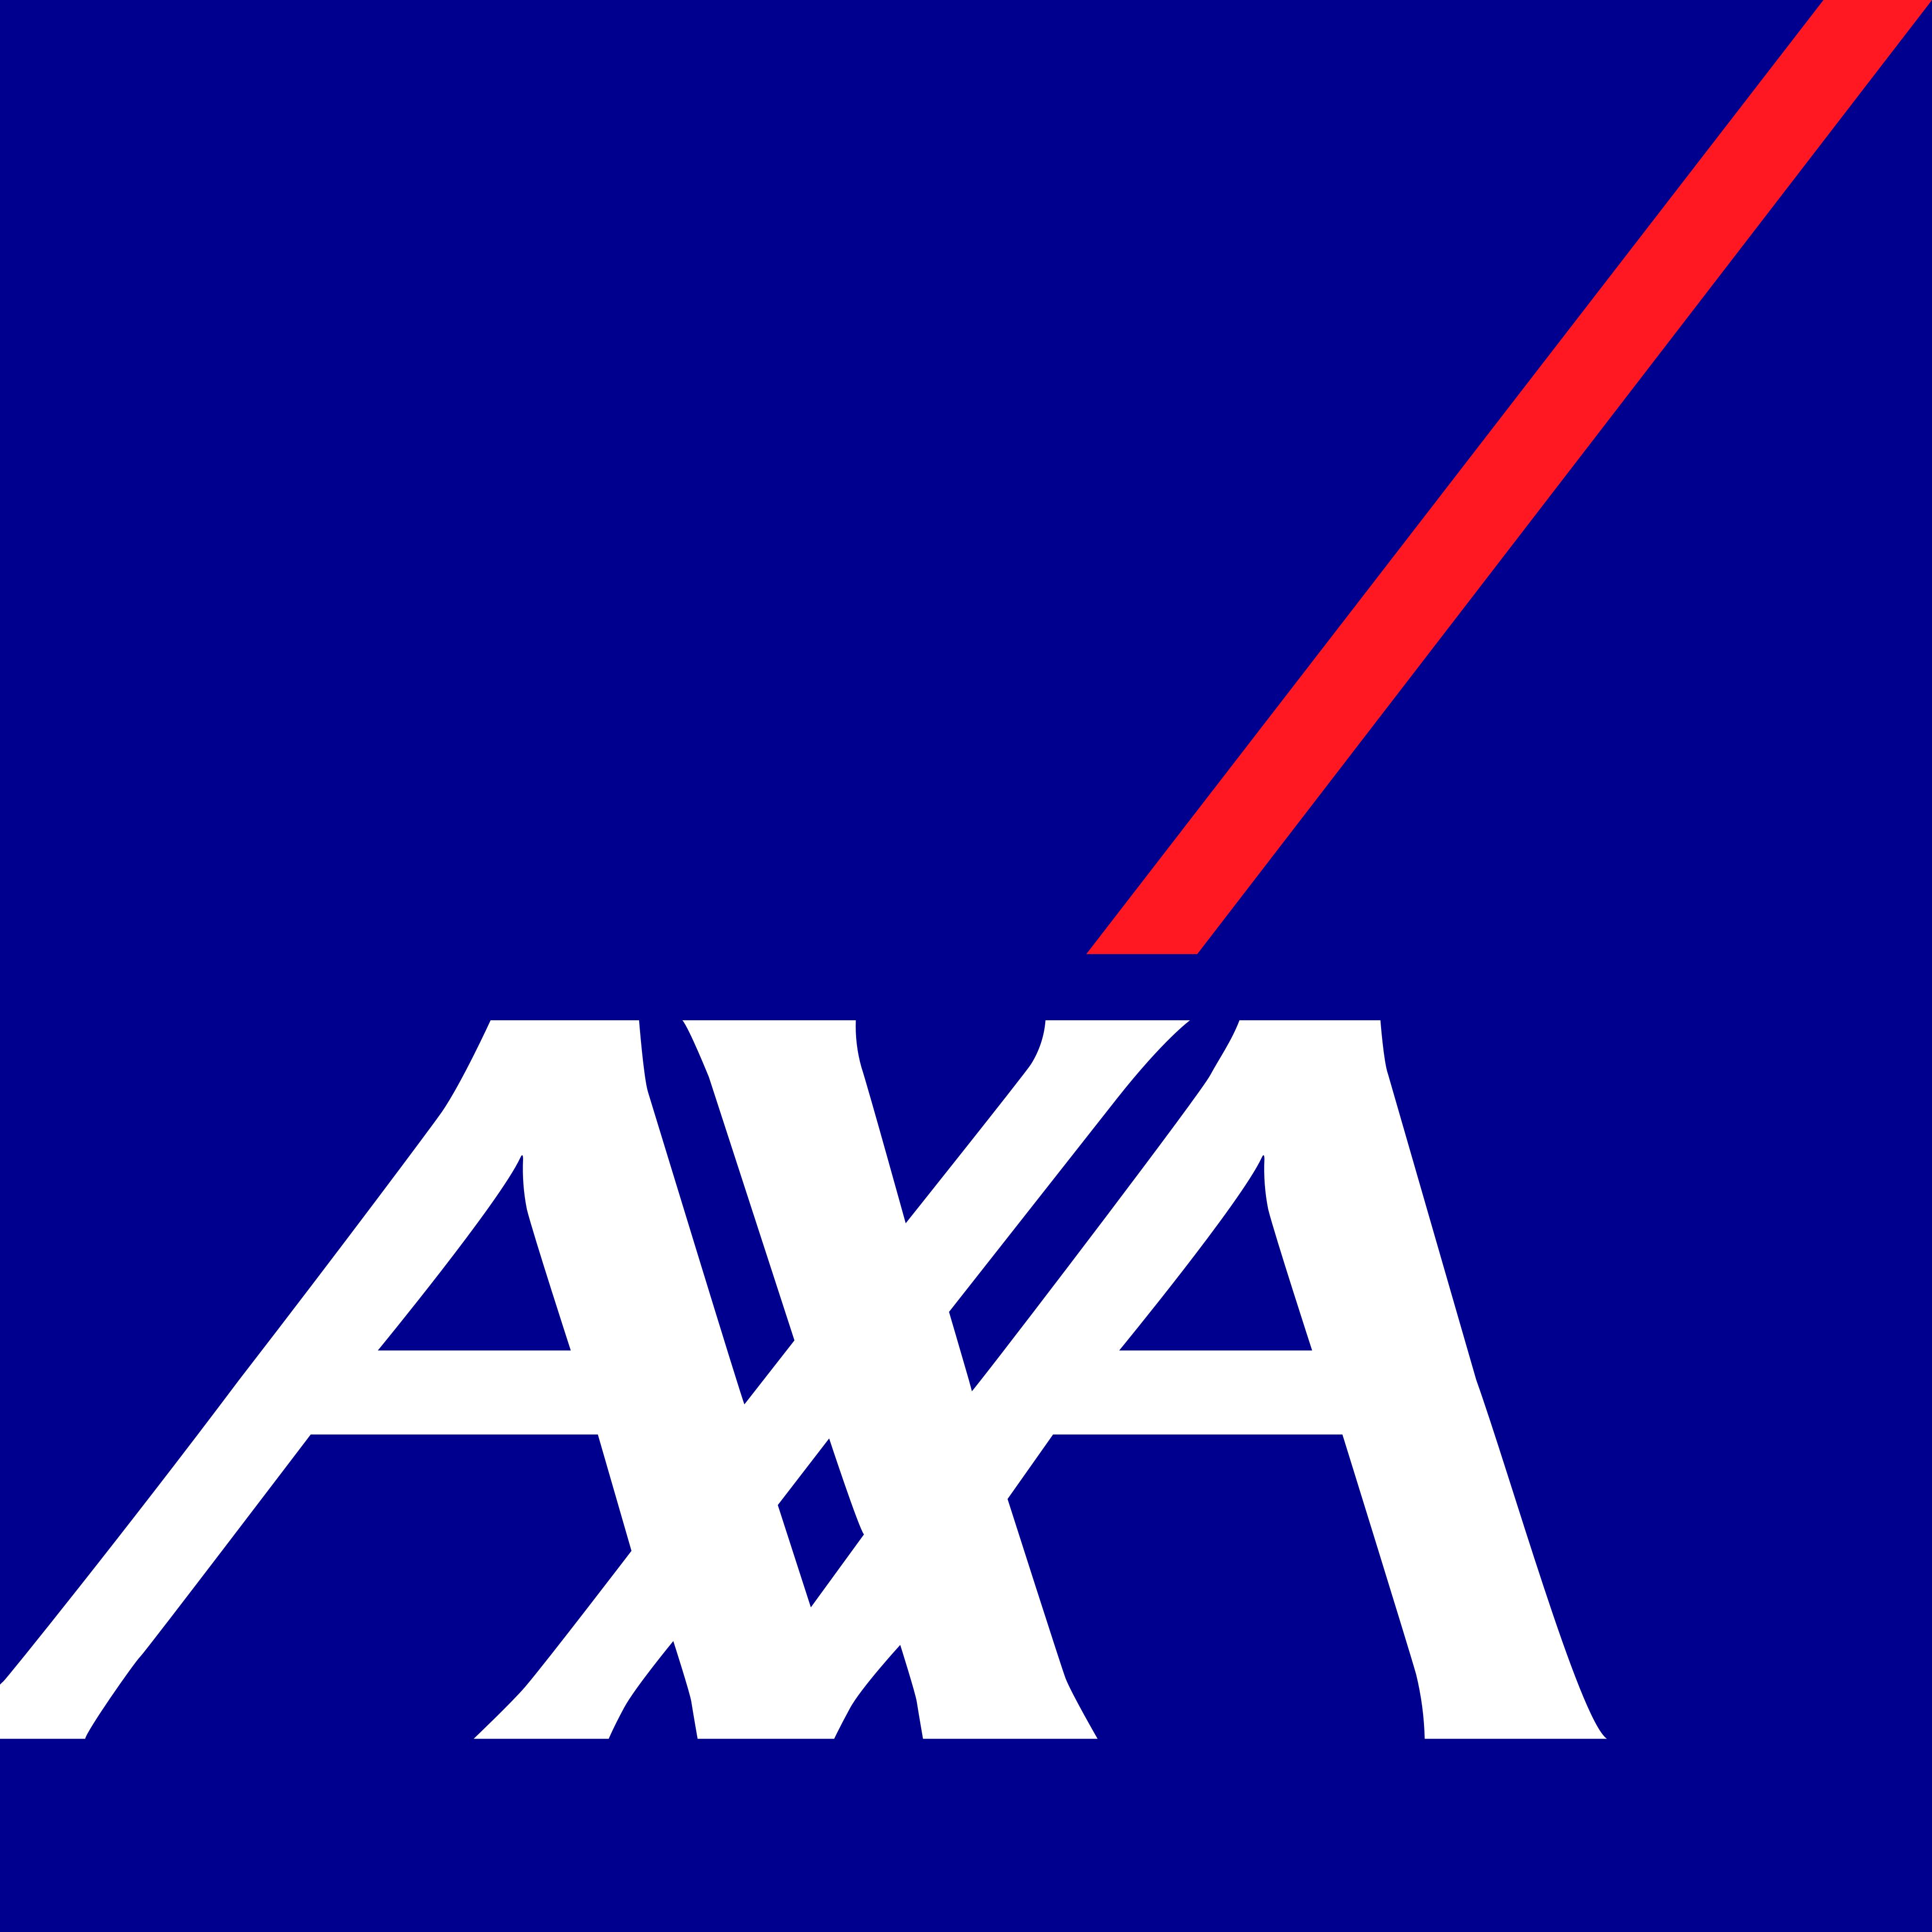 axa logo - AXA Logo